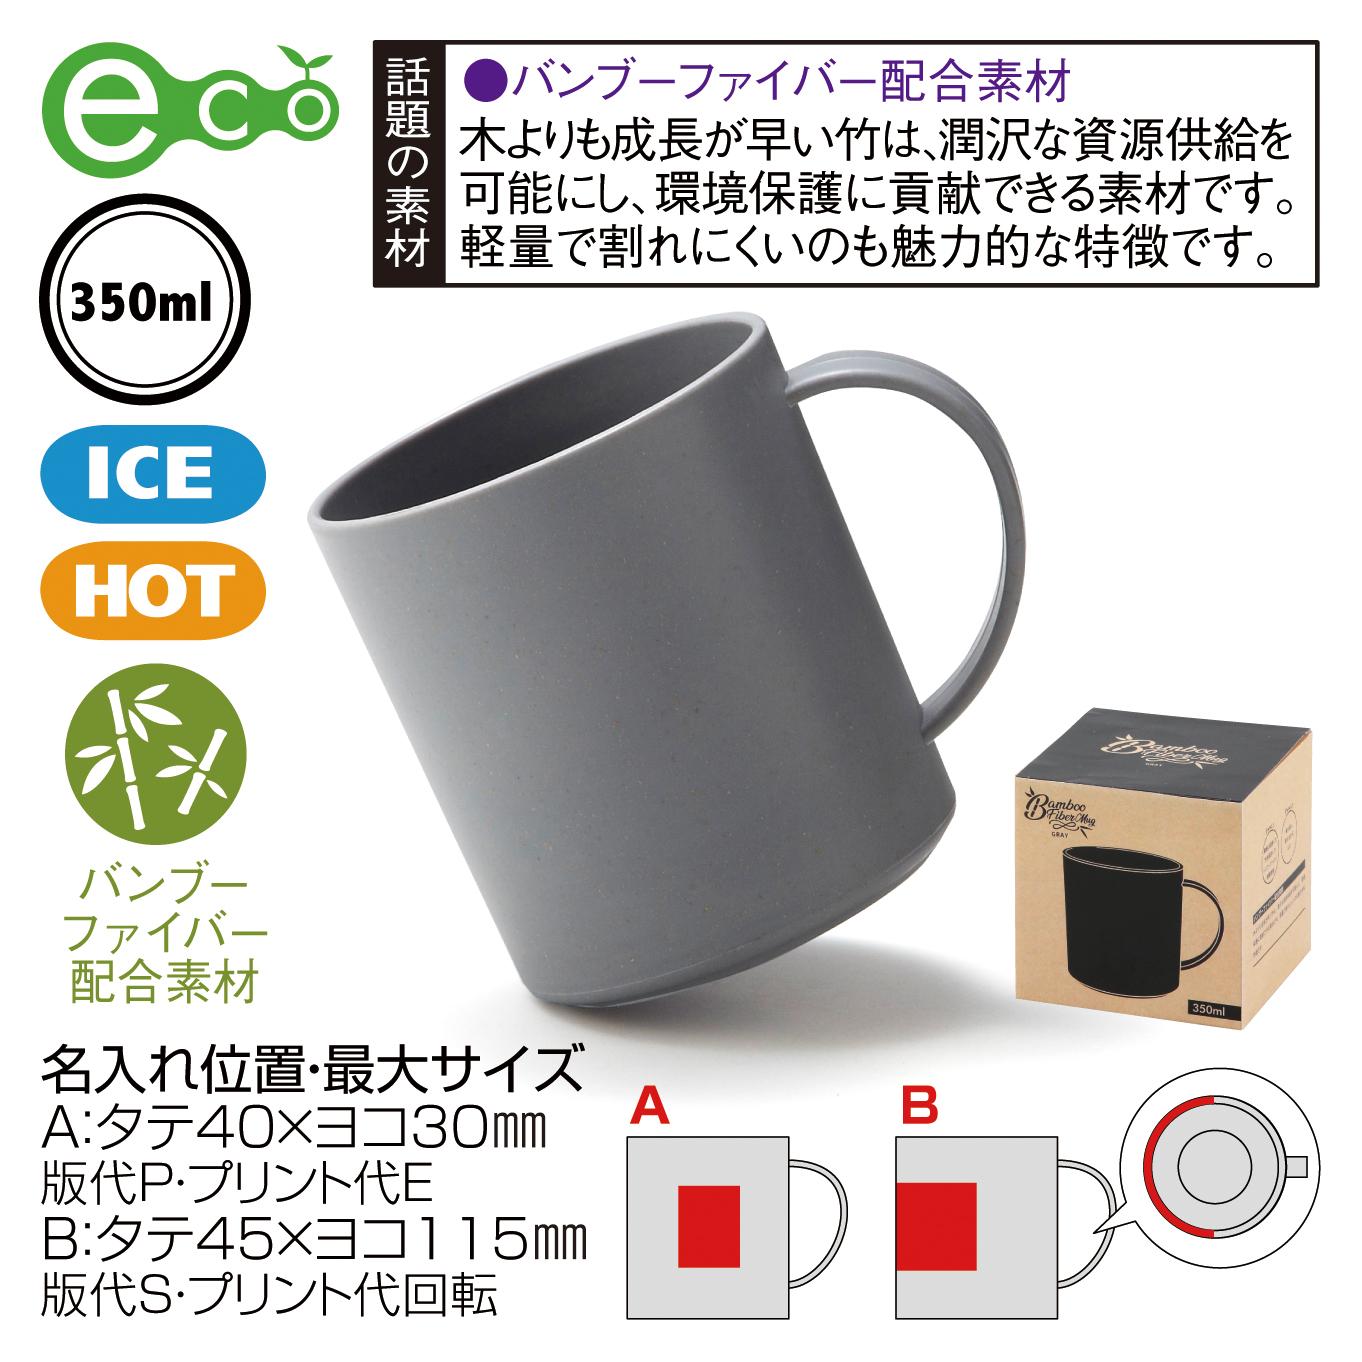 バンブーファイバー配合マグカップ(グレー)